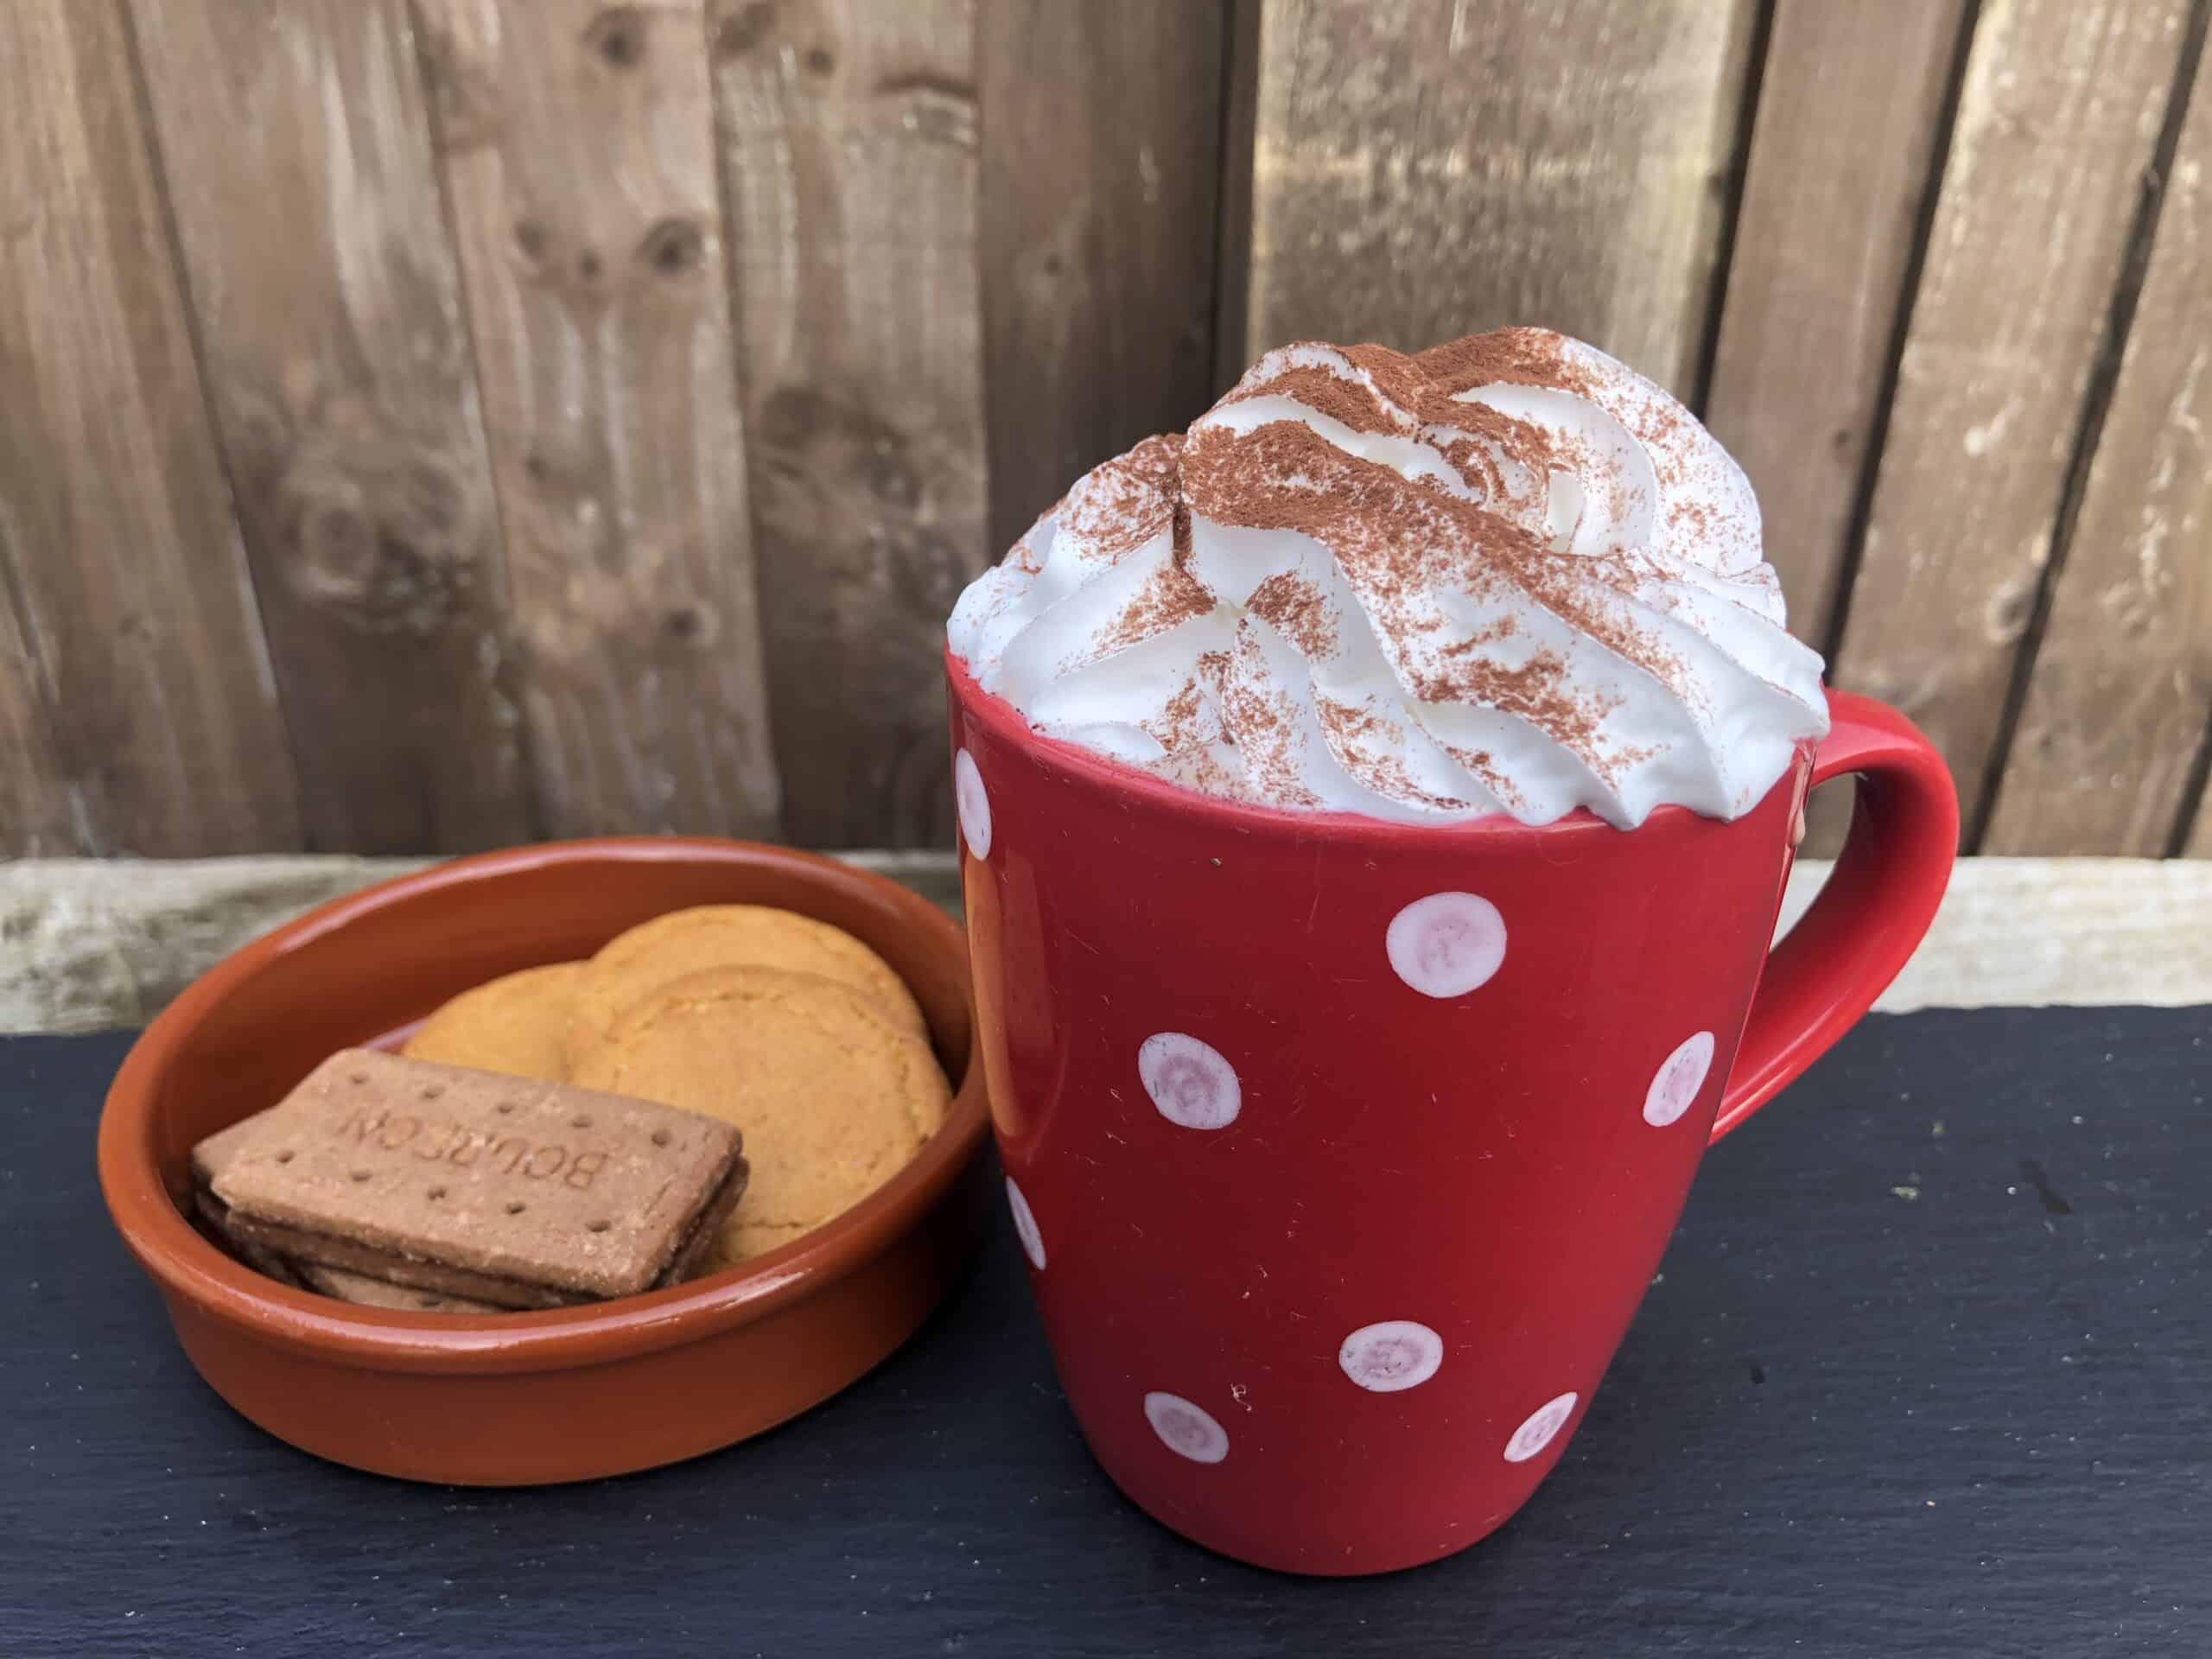 Delicious & Decadent Vegan Oat Milk Hot Chocolate Recipe